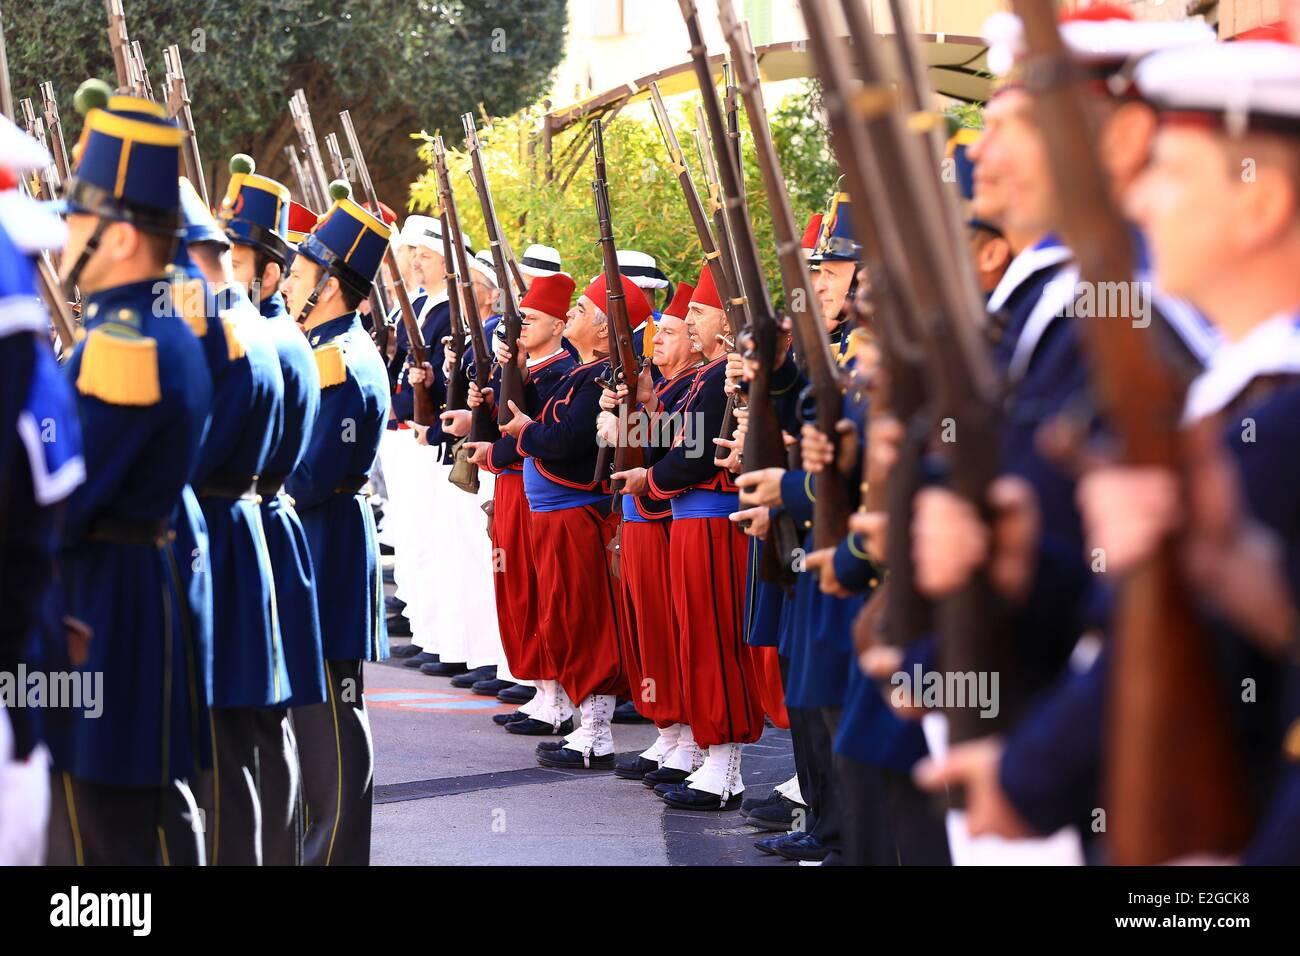 Francia Fréjus Var la Bravade tradicional fiesta en honor de la llegada de san Francisco de Paula en la ciudad Imagen De Stock